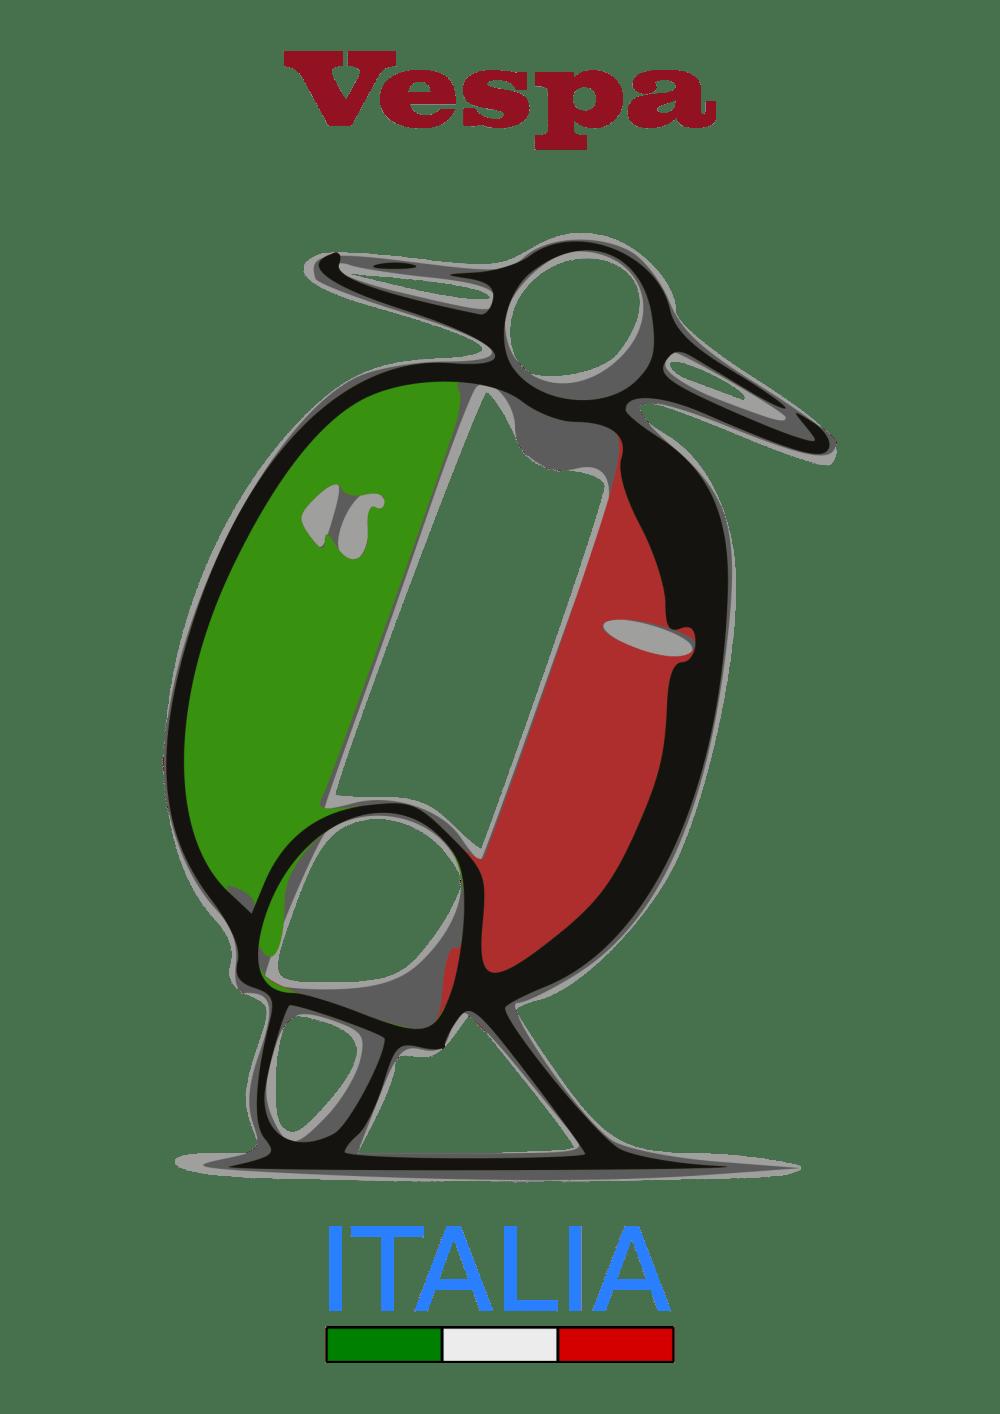 medium resolution of italian clipart travel italy